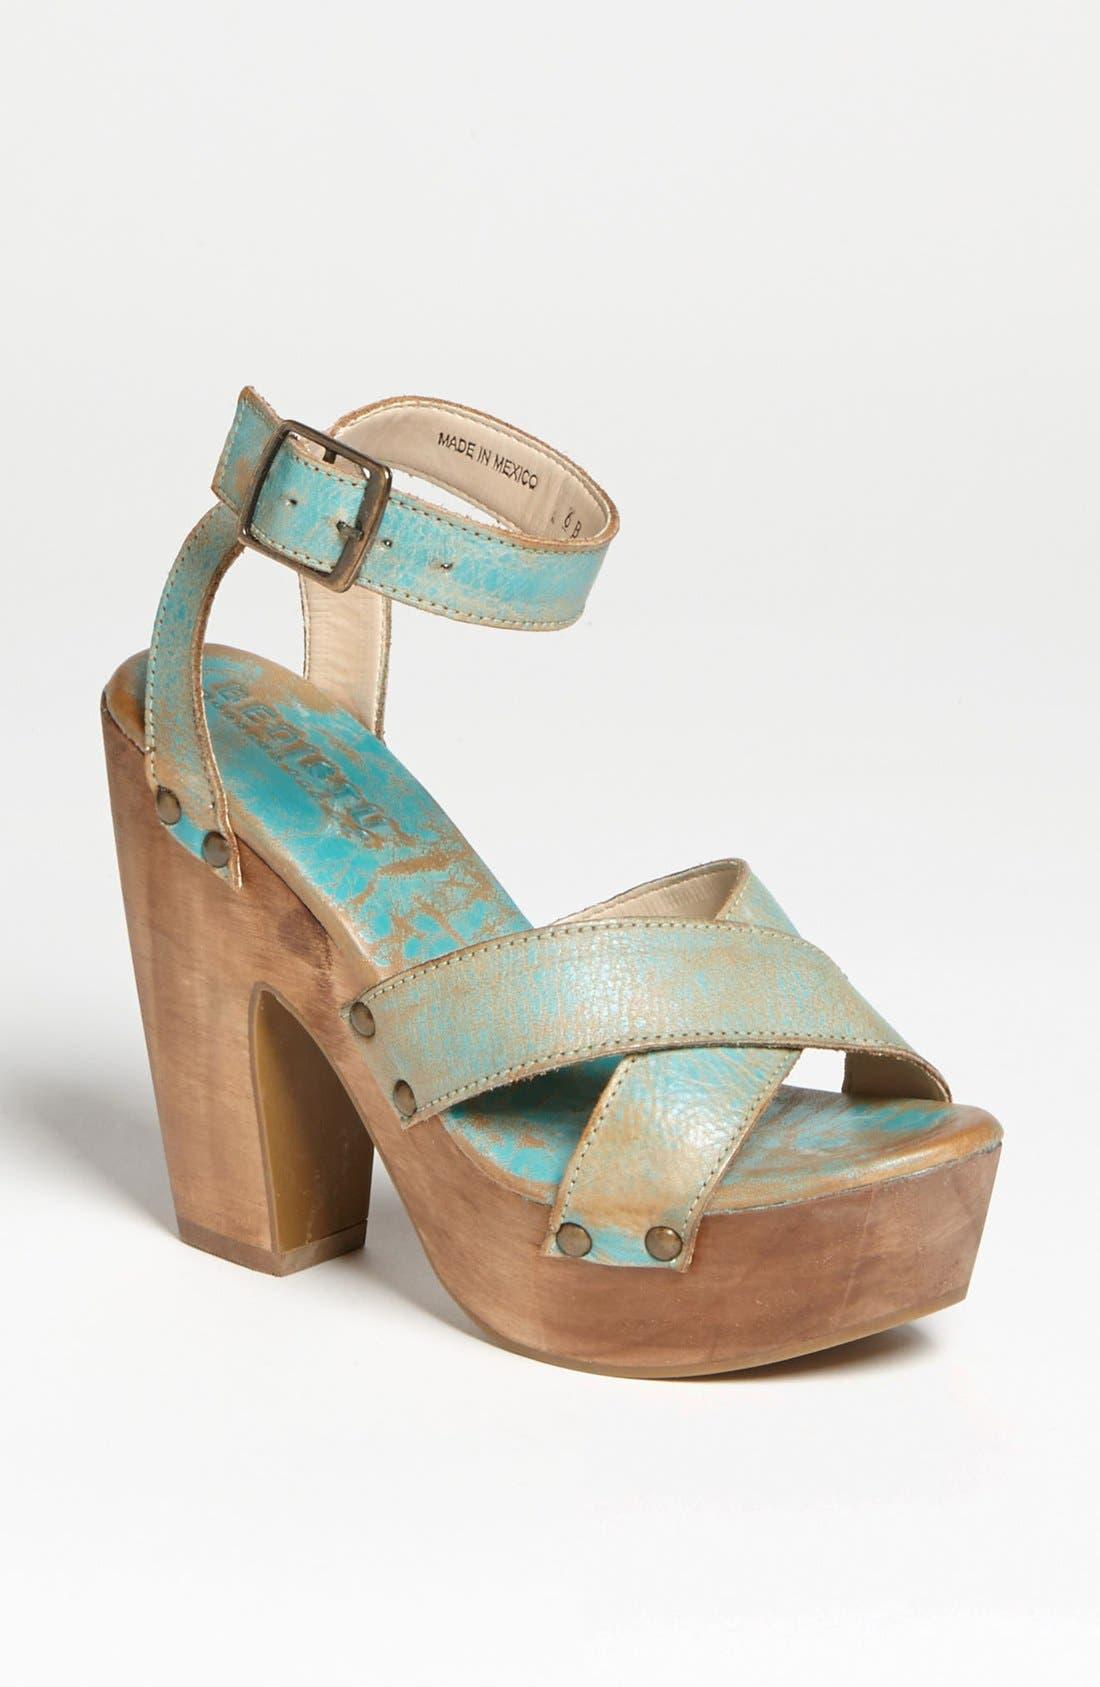 Main Image - Bed Stu 'Madeline' Sandal